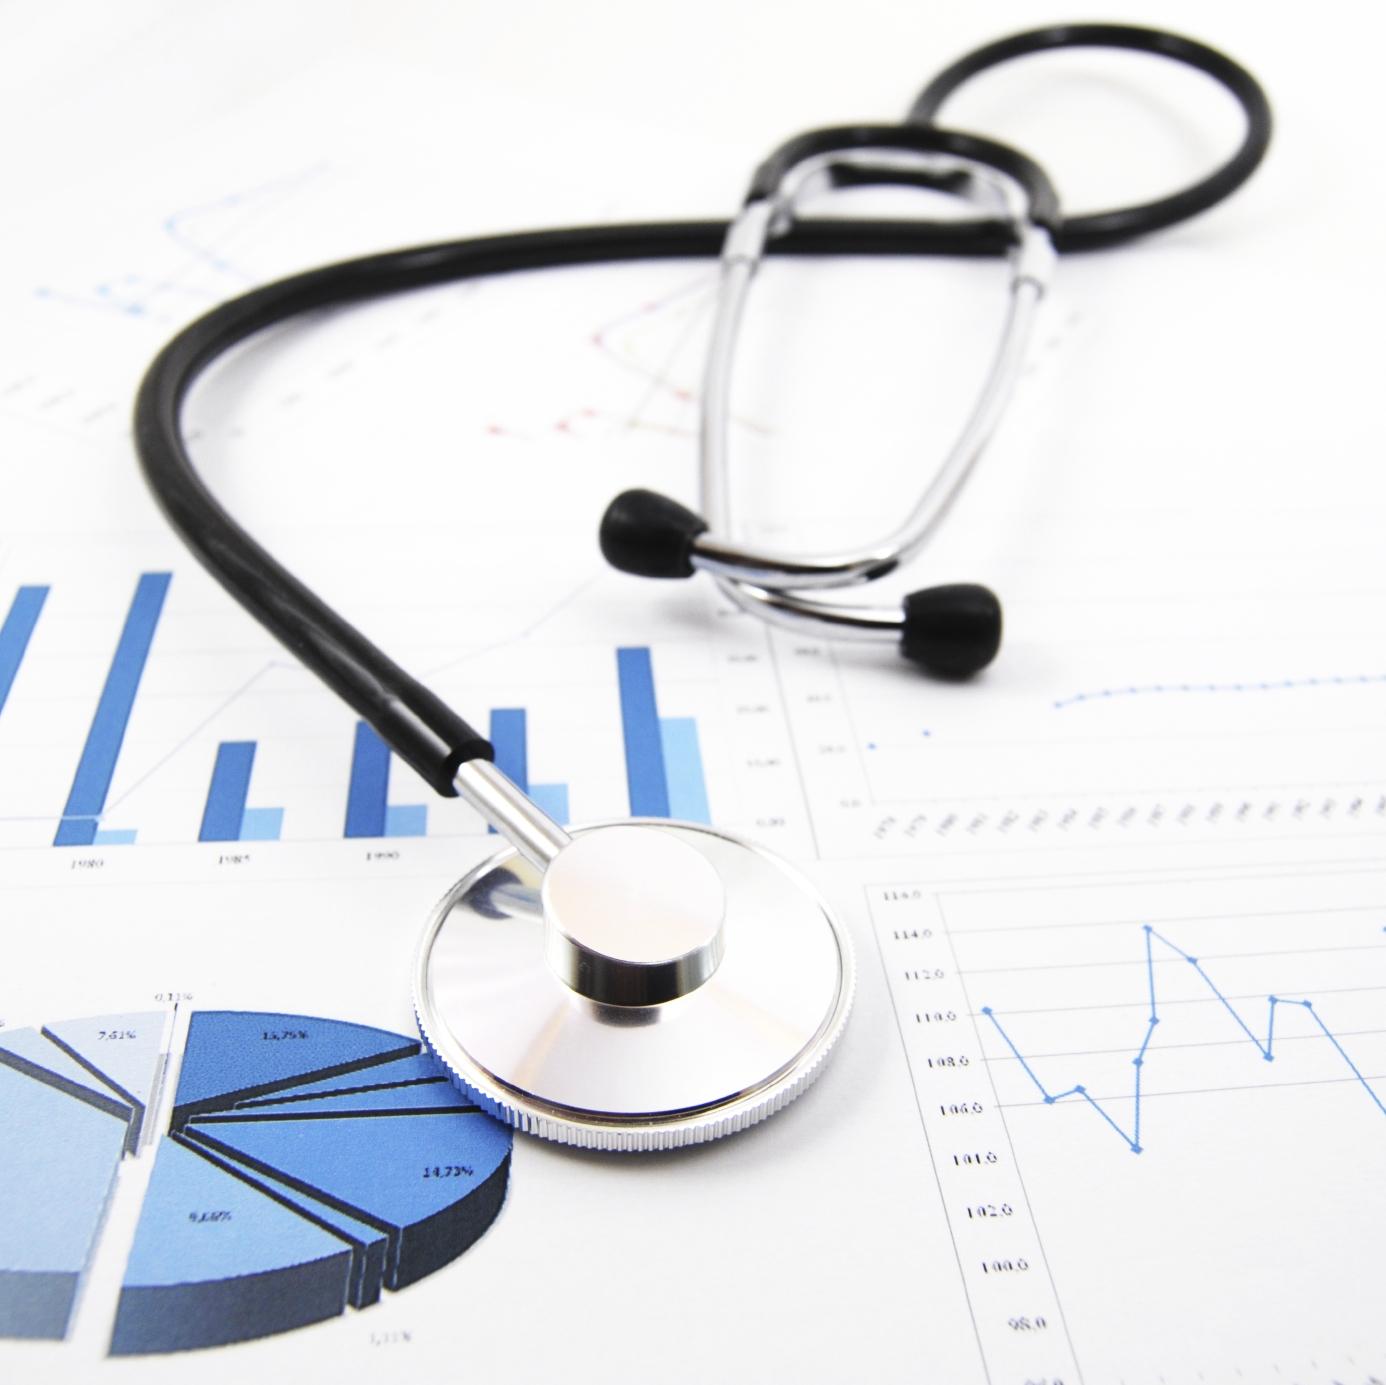 contenido farmaceutico ¿Cómo puede rentabilizar sus contenidos la industria farmacéutica?